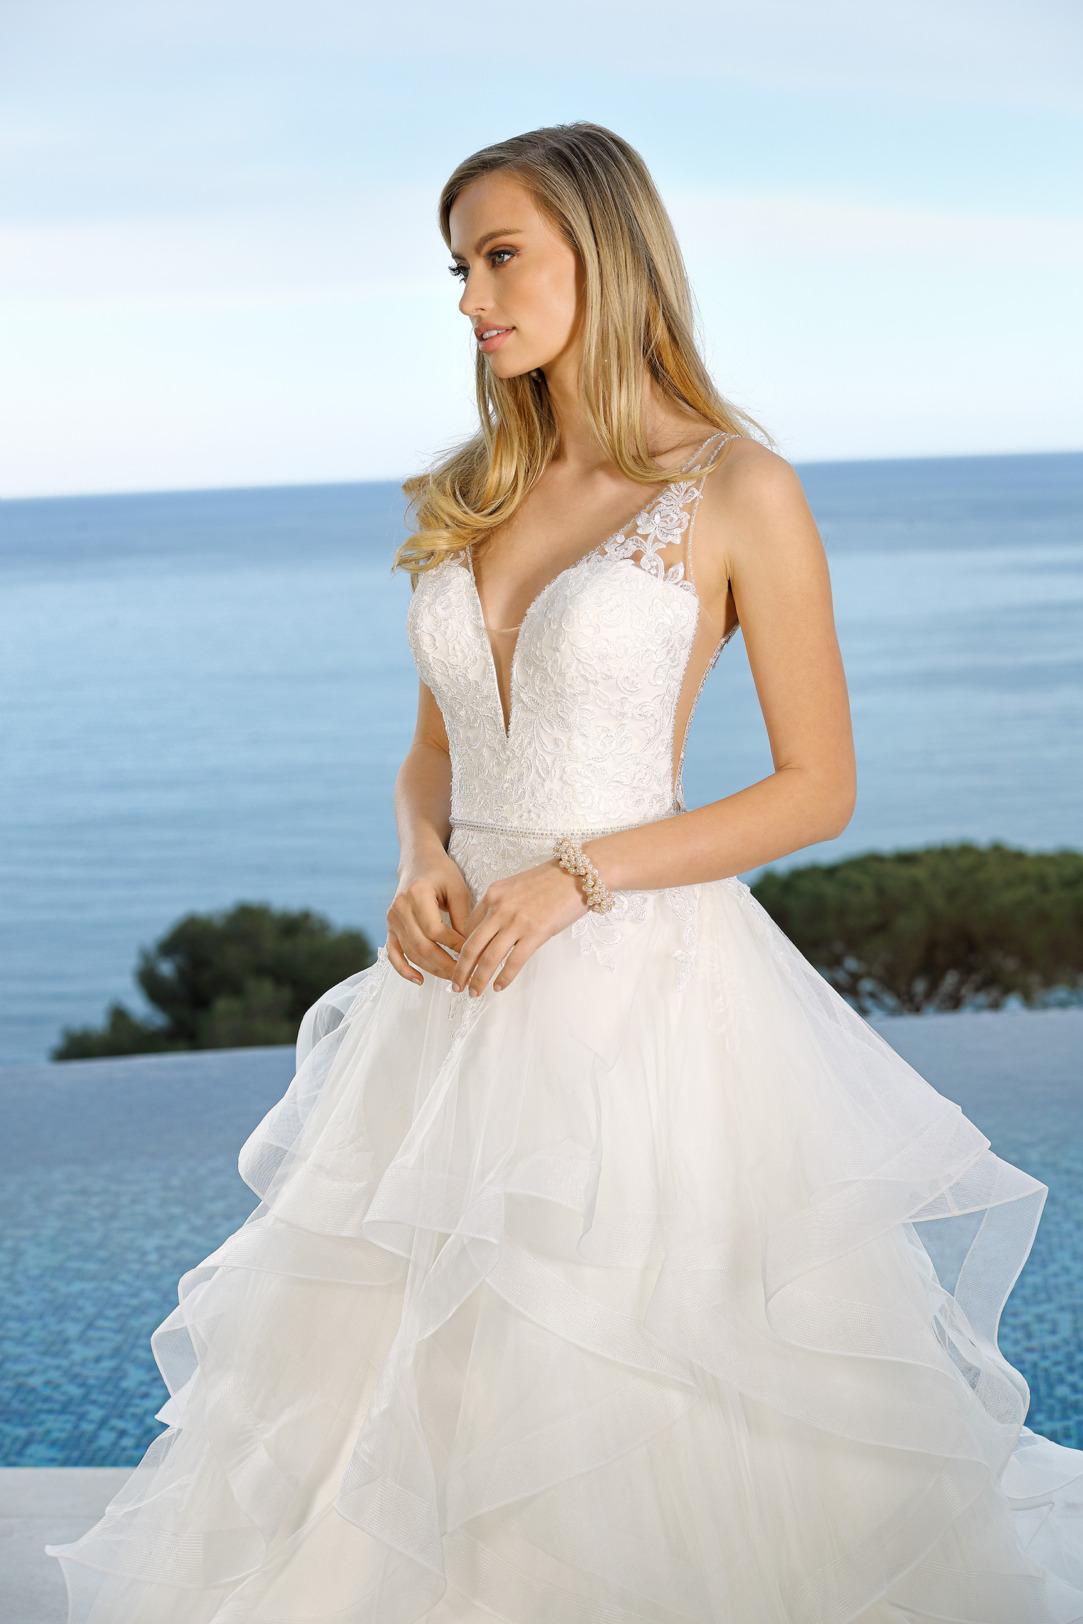 Detailansicht Brautkleid in A-Linie mit V-Ausschnitt und aufwendig gestuftem Rock. Hochzeitskleid in klassischer A Linie von Ladybird Modell 421041 mit tiefem V Ausschnitt und Spitzen Trägern.